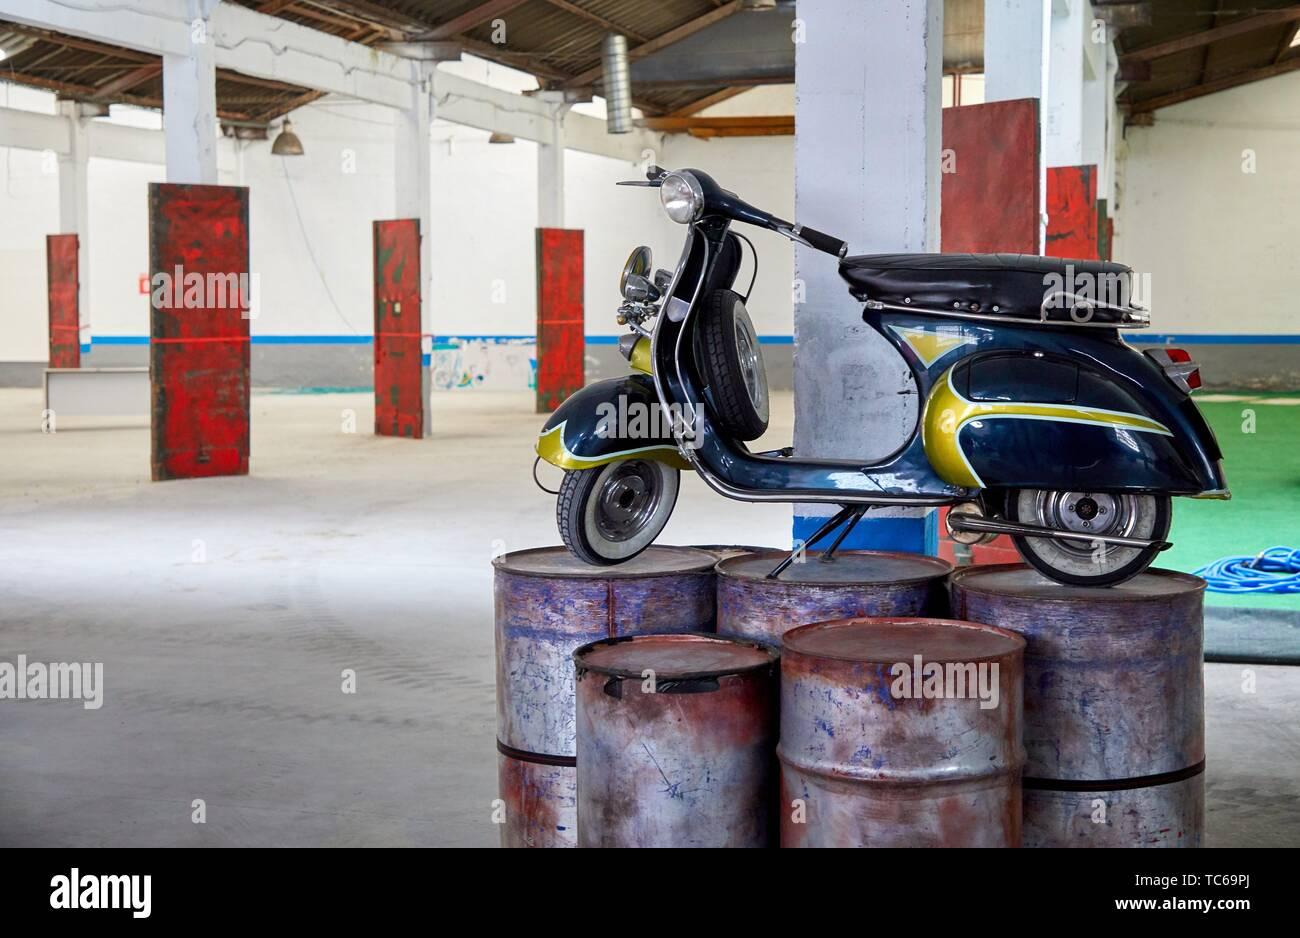 ZAWP Bilbao (Zorrotzaurre Art trabajo en progreso, un proyecto de Haceria Arteak, una asociación sin ánimo de lucro. Este movimiento fue creado en 2008 para abordar Imagen De Stock